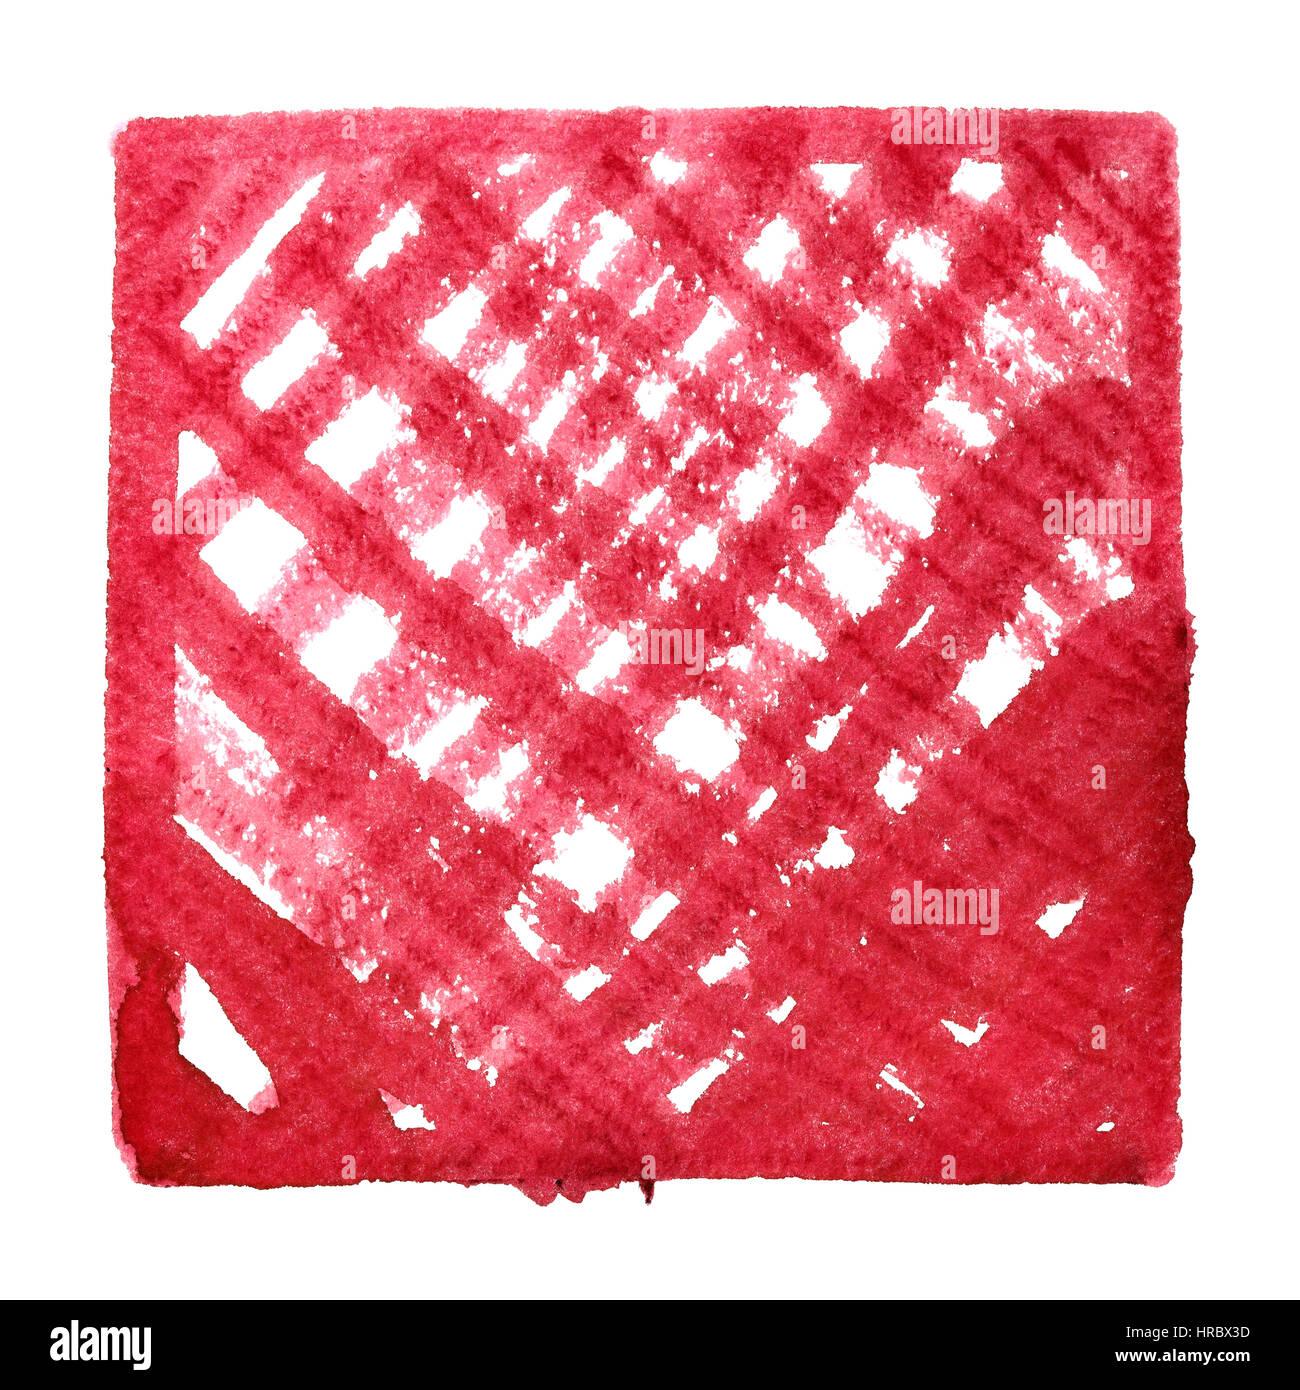 Roter Rahmen mit Doodle Strichen. Zusammenfassung Hintergrund. Platz ...